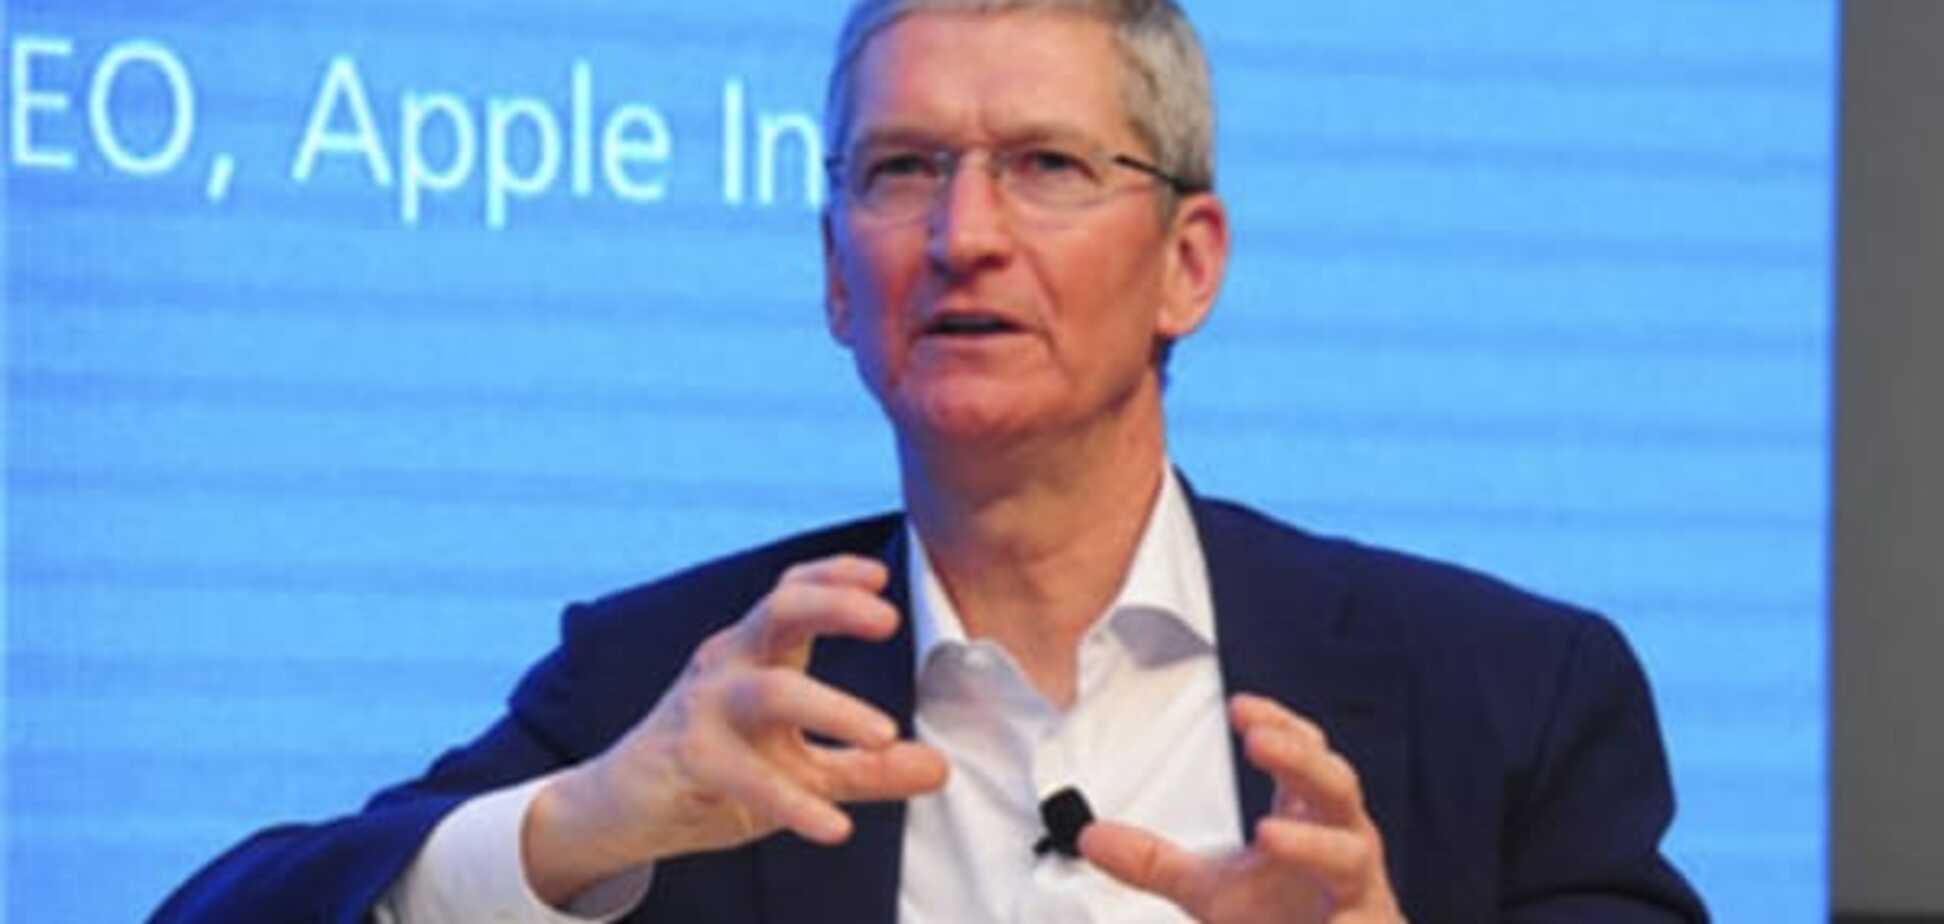 Глава Apple відверто розповів про геїв, Джобса і iPhone: опубліковано відео